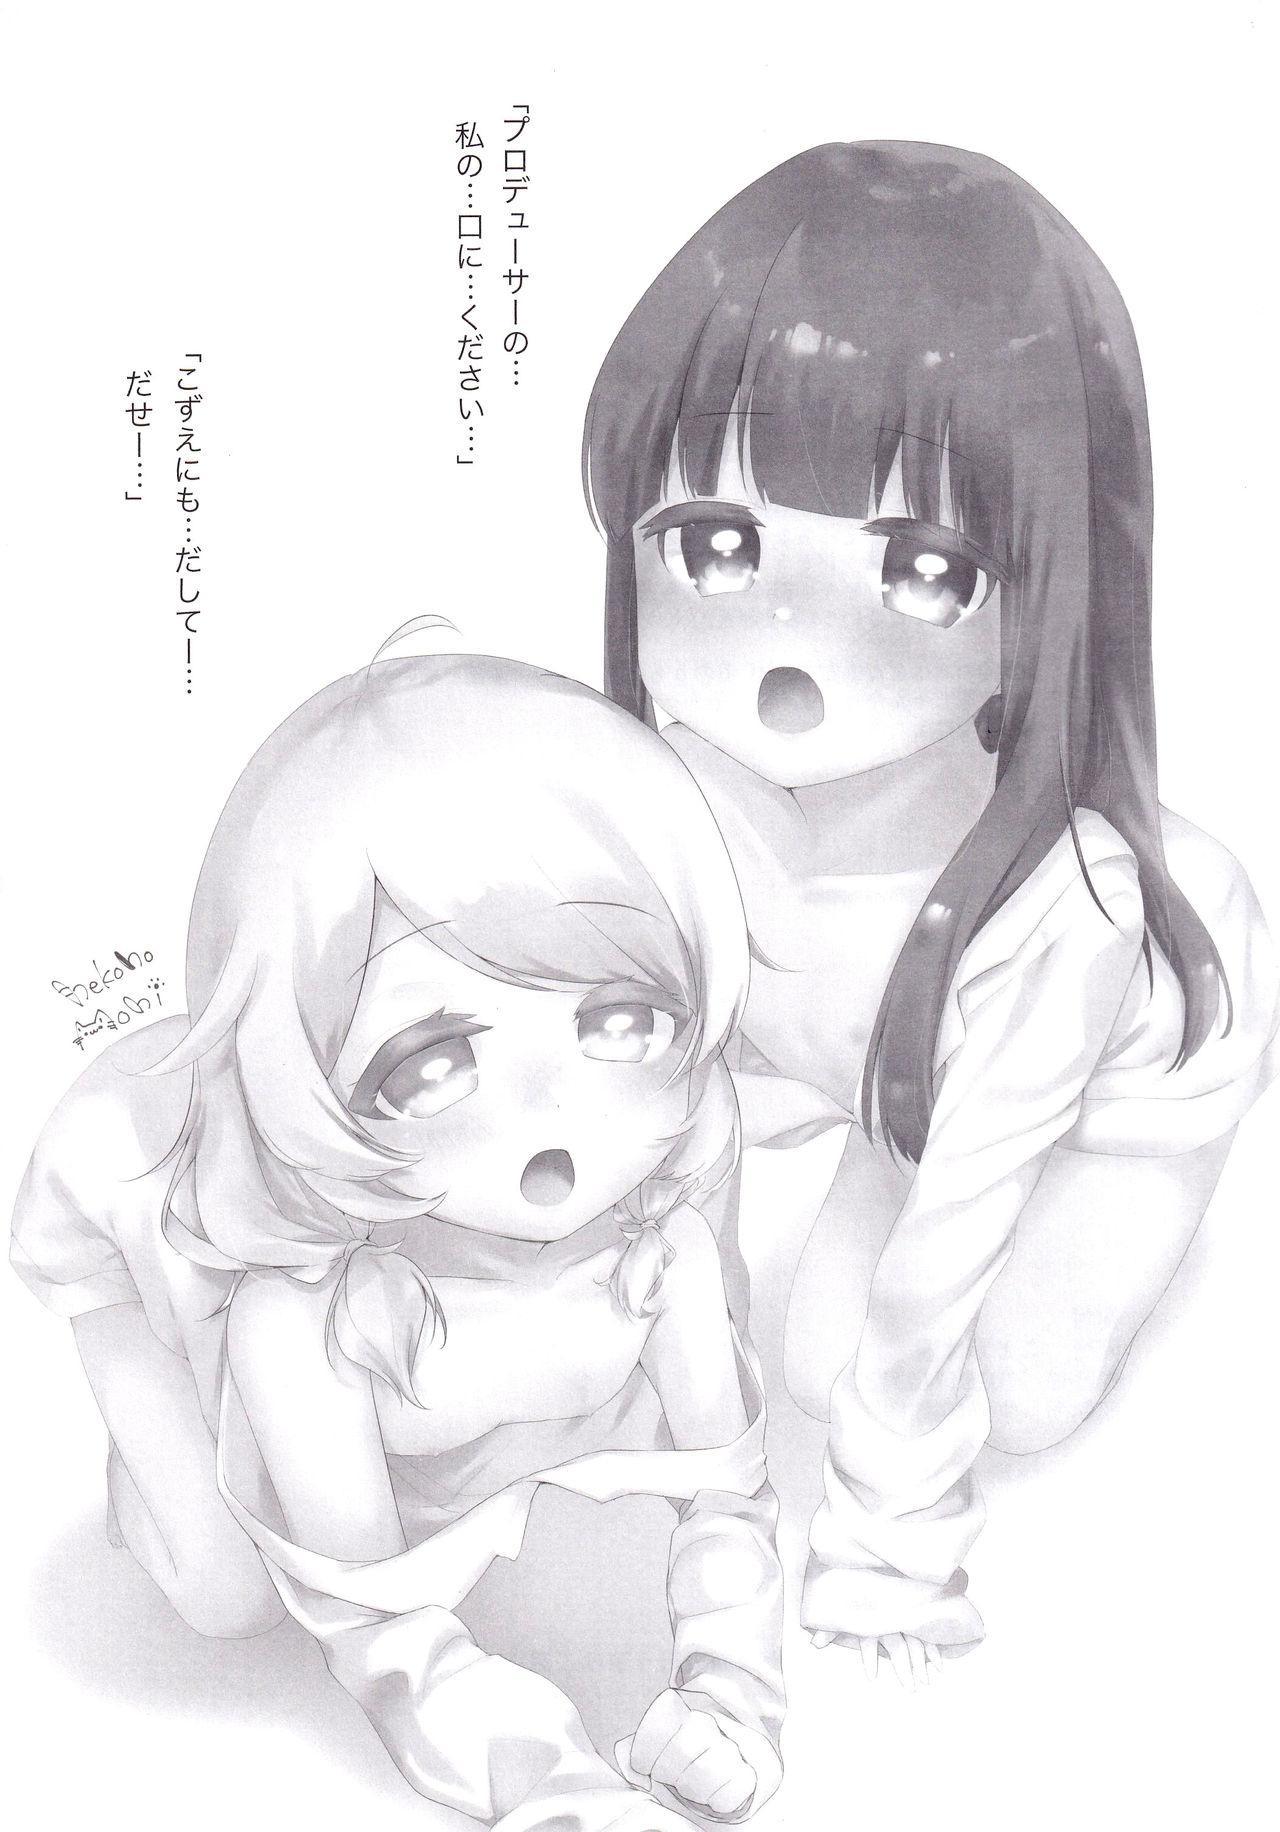 Yukimi to Kozue to Lolicon P to 31